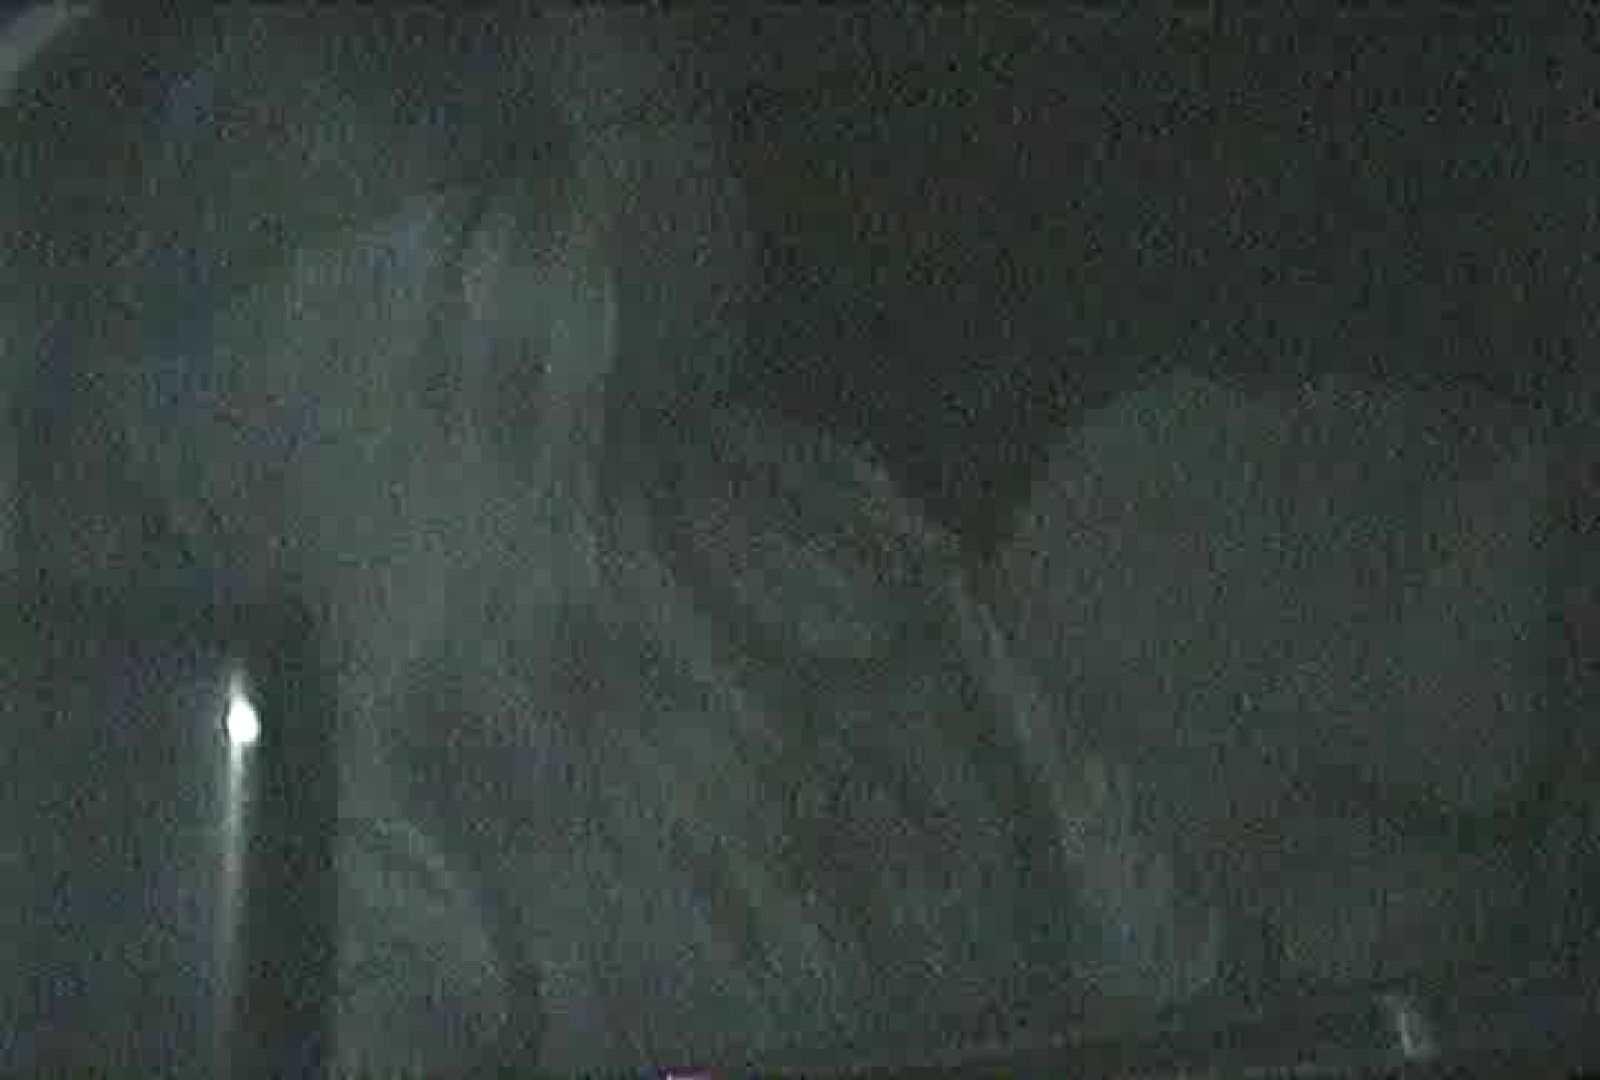 充血監督の深夜の運動会Vol.96 エロティックなOL オマンコ動画キャプチャ 106画像 62